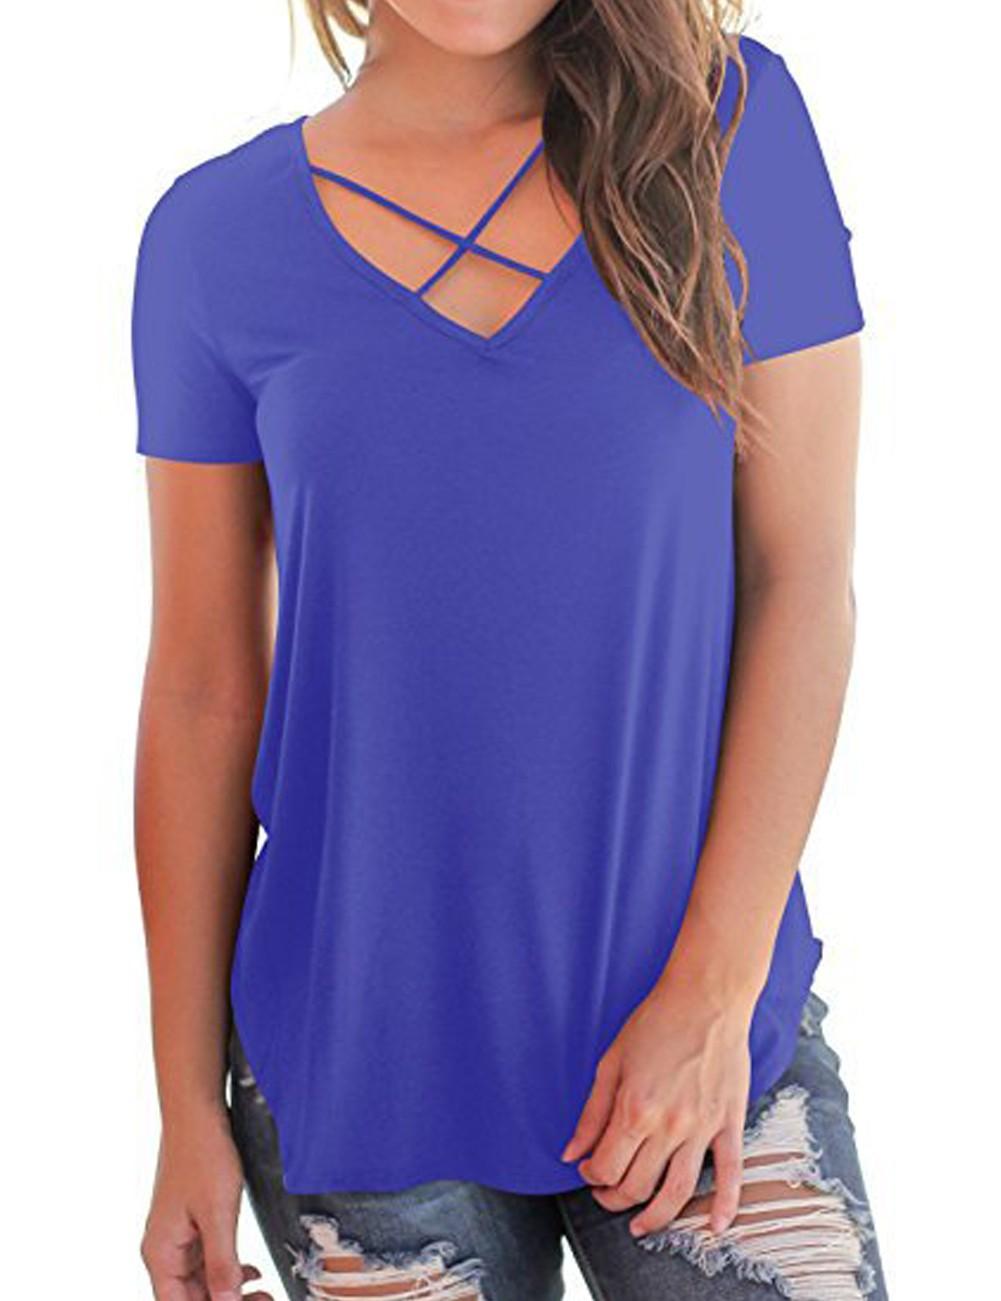 22dfa0c19770 Bavlněné tričko s překřížením světle fialové - 2 XL